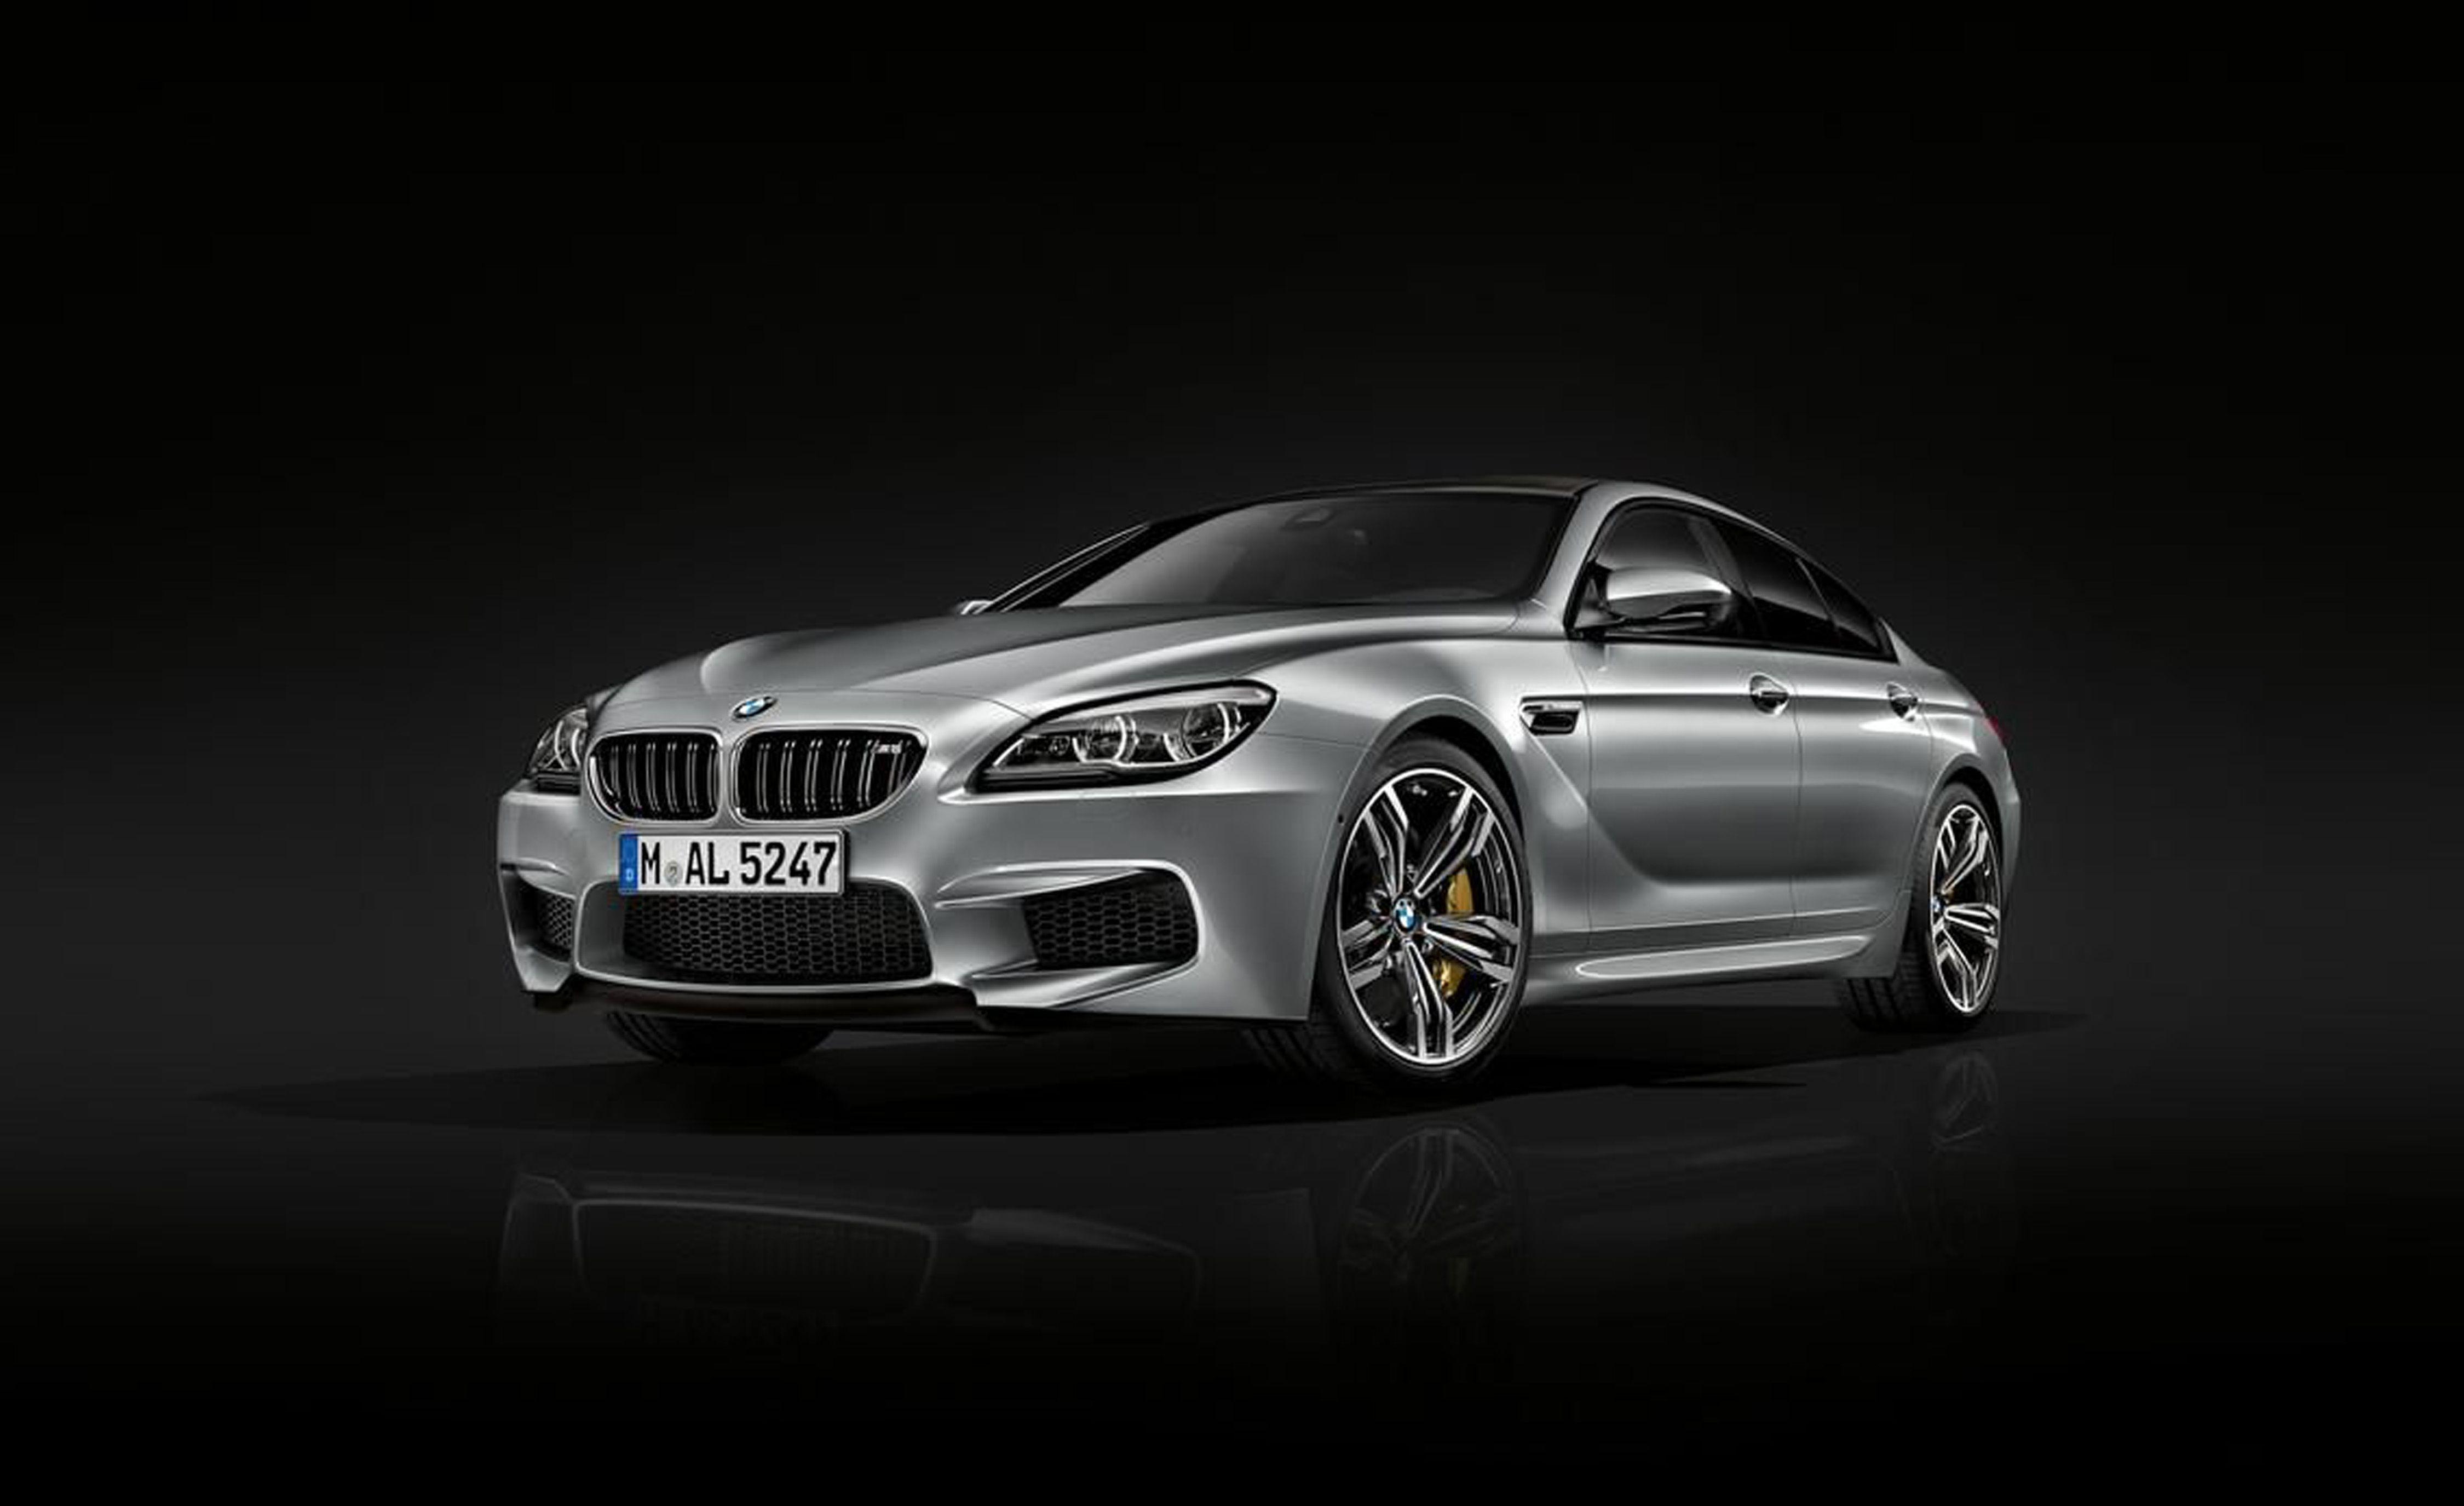 Temukan listing mobil bekas terbaru & murah dengan harga terbaik hanya di olx pusat mobil bekas terlengkap. 2019 BMW M6 Gran Coupe Reviews | BMW M6 Gran Coupe Price ...